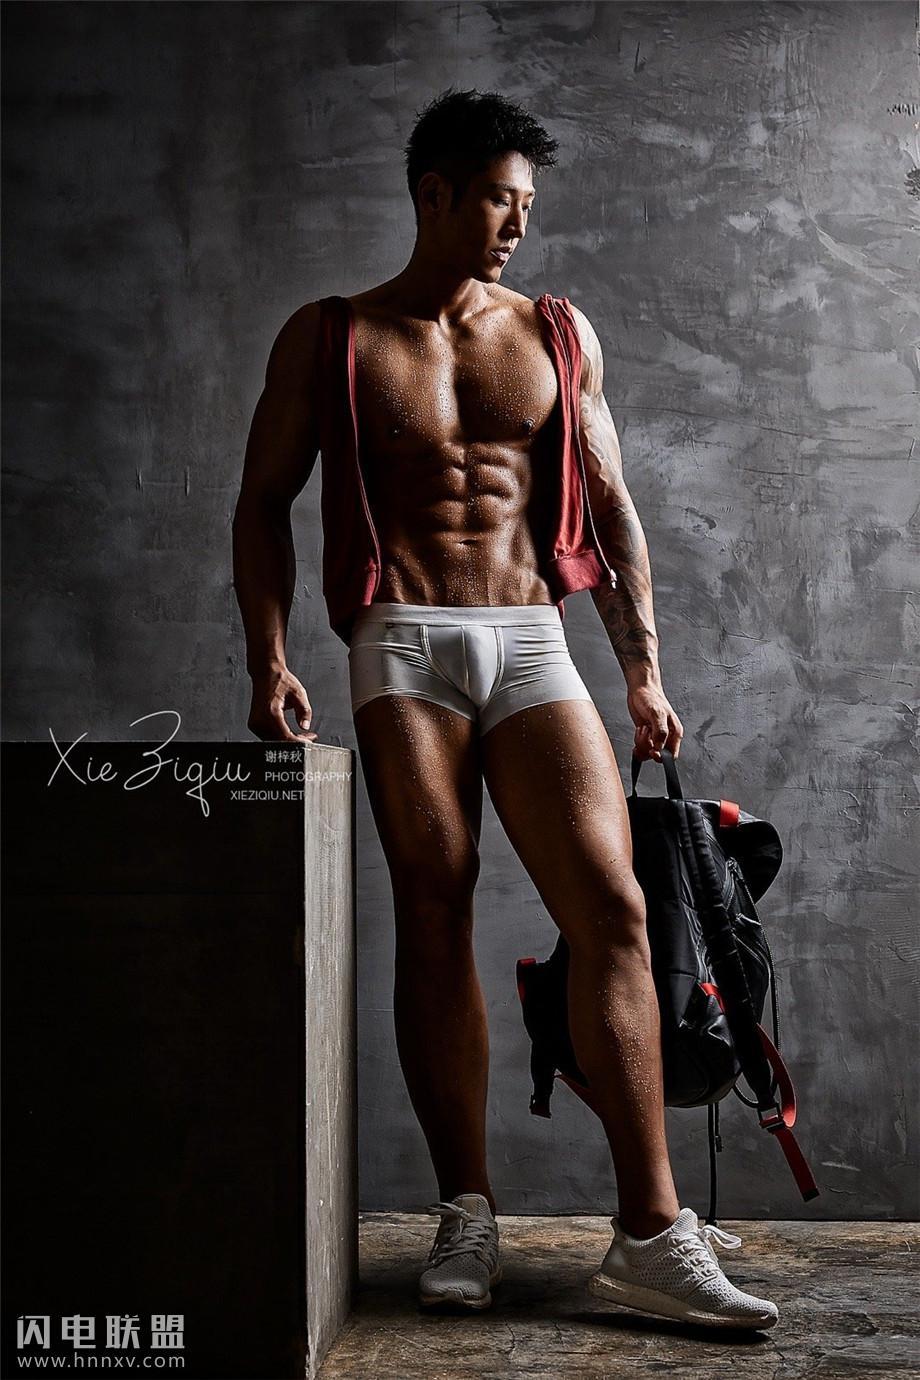 性感亚洲肌肉健身帅哥写真图片